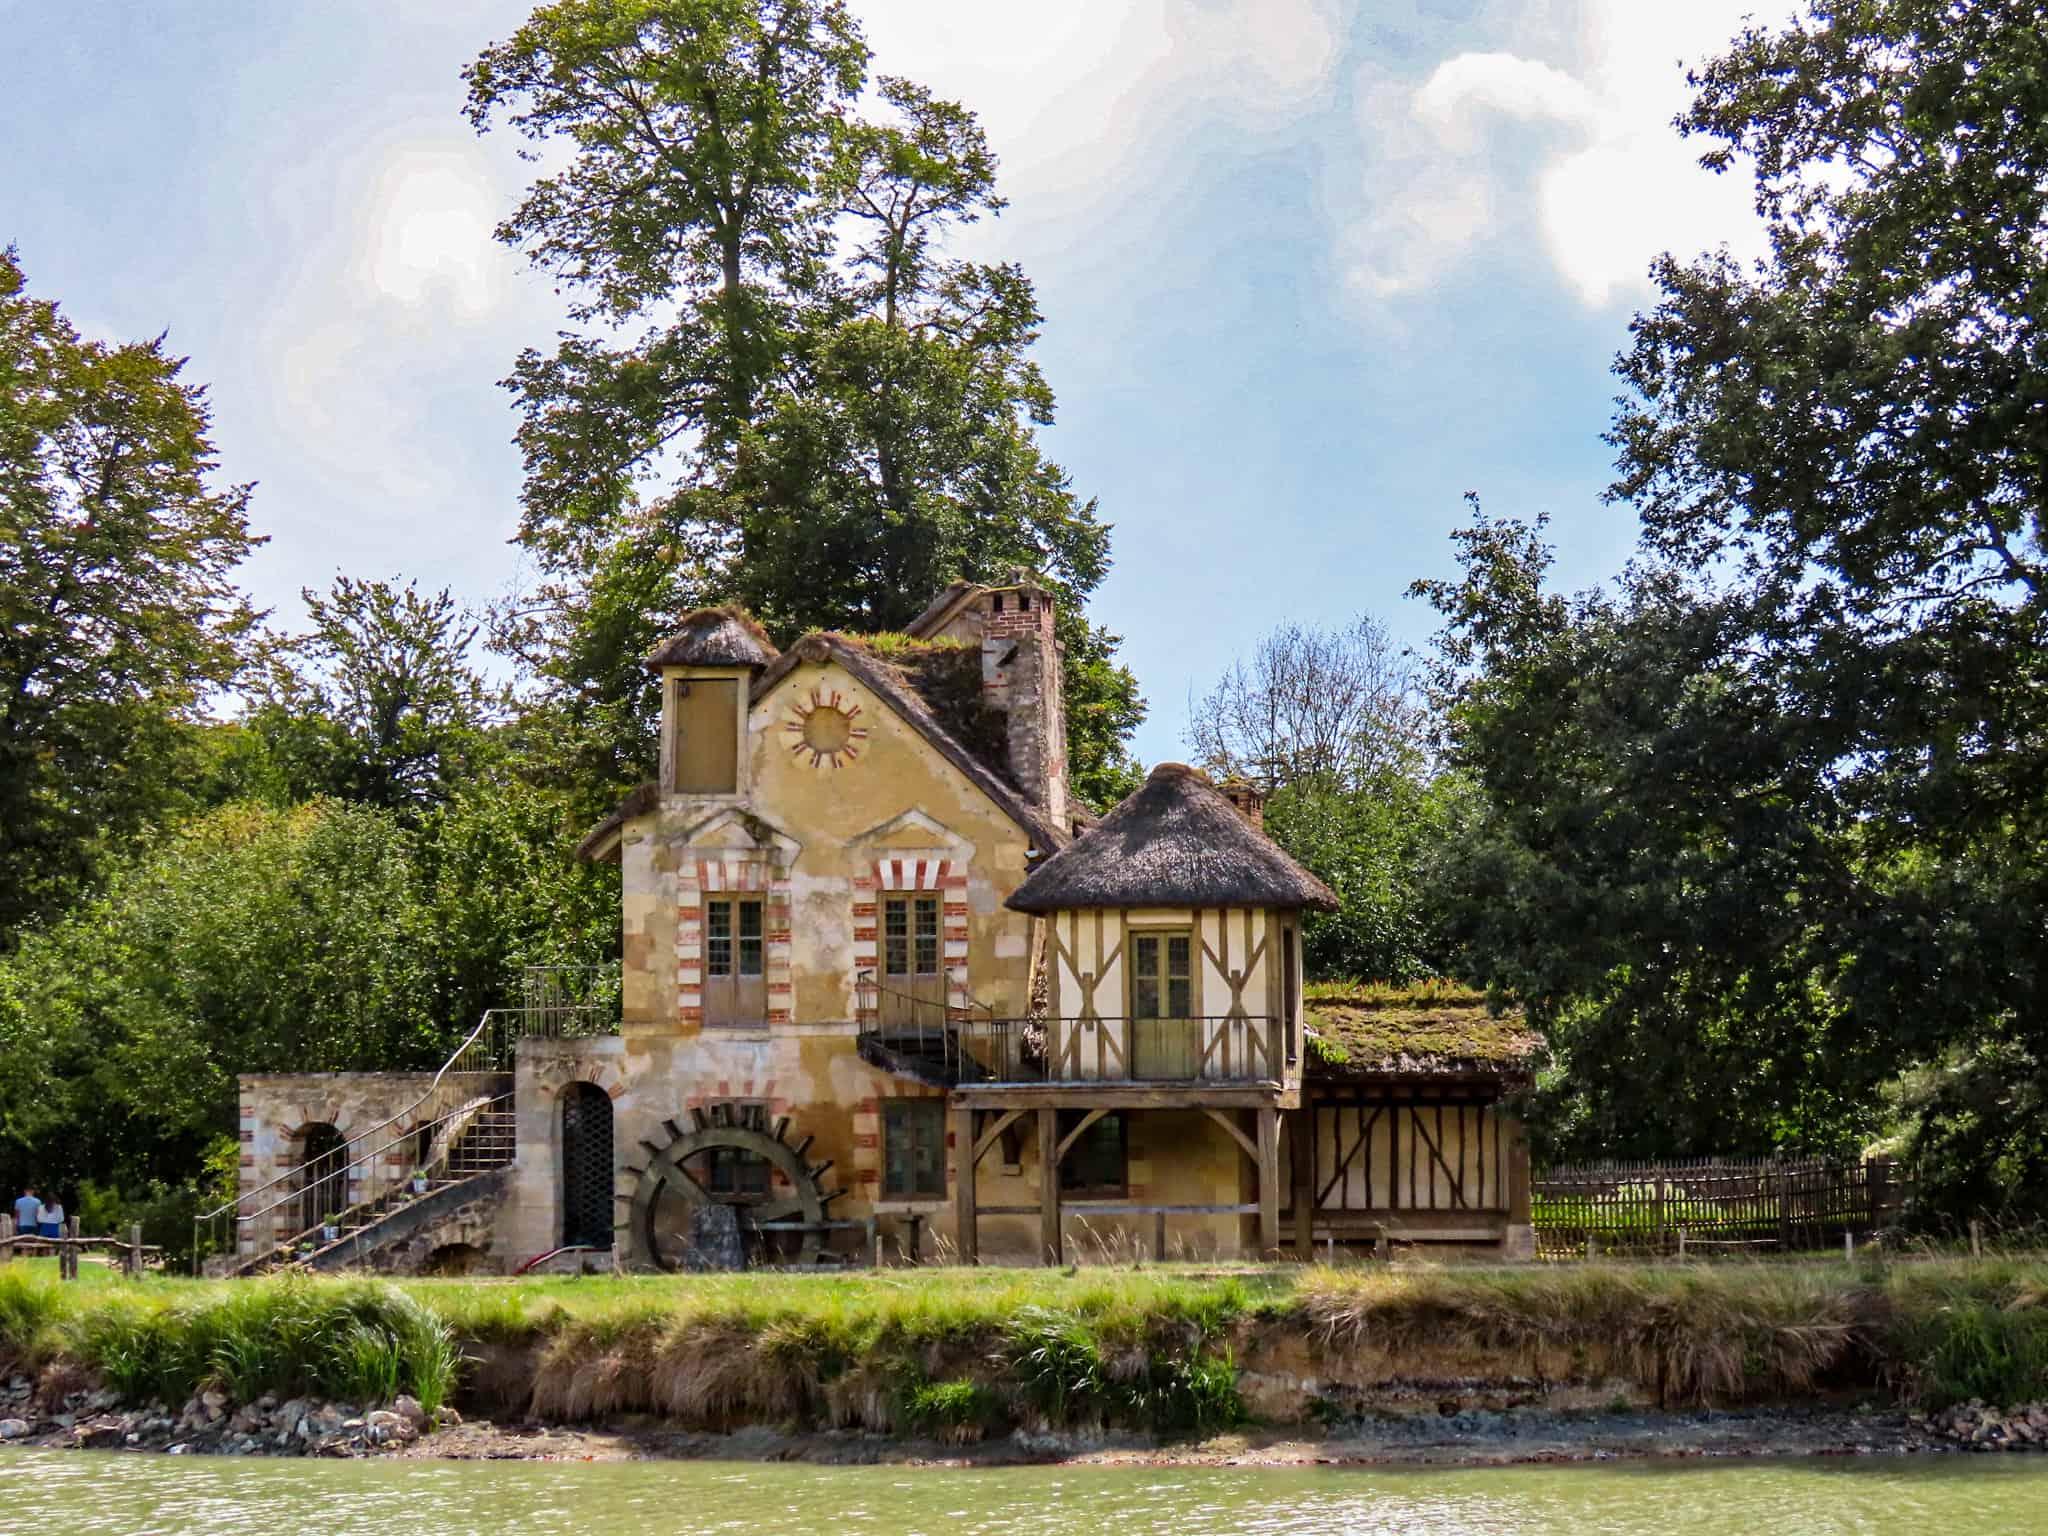 hameau-de-la-reine-versailles-jardin-sorties-moins-1h-paris